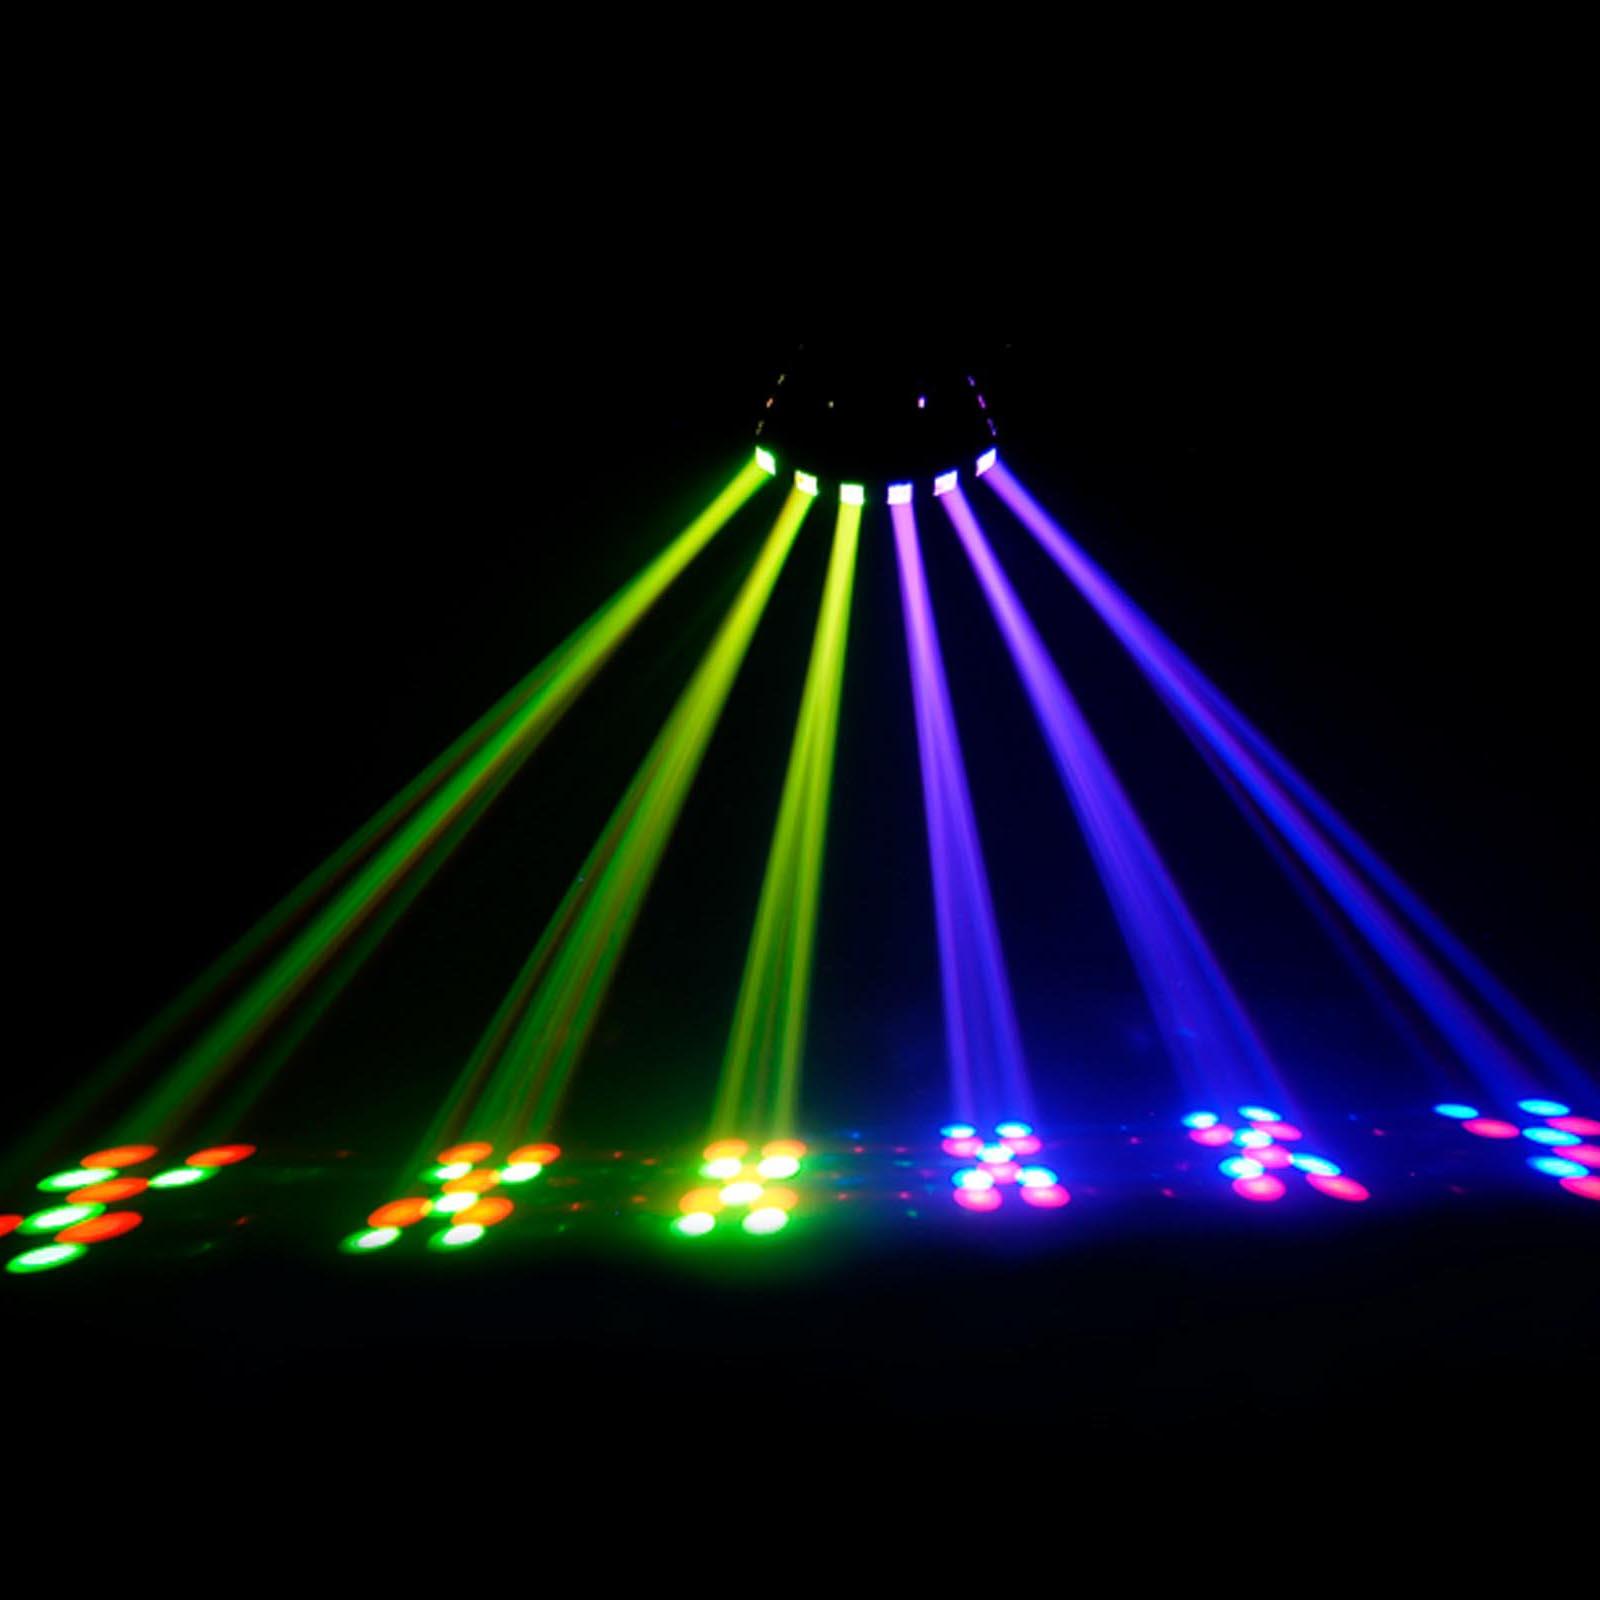 chauvet dj derby x dmx 512 multi colored led rgb strobe dj lighting effect ebay. Black Bedroom Furniture Sets. Home Design Ideas